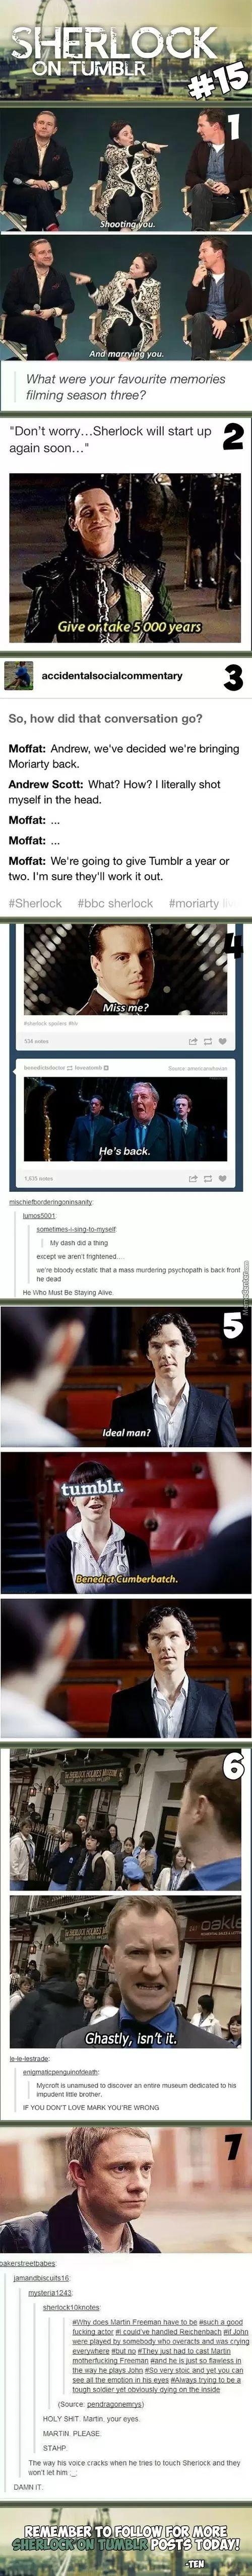 Sherlock On Tumblr #15